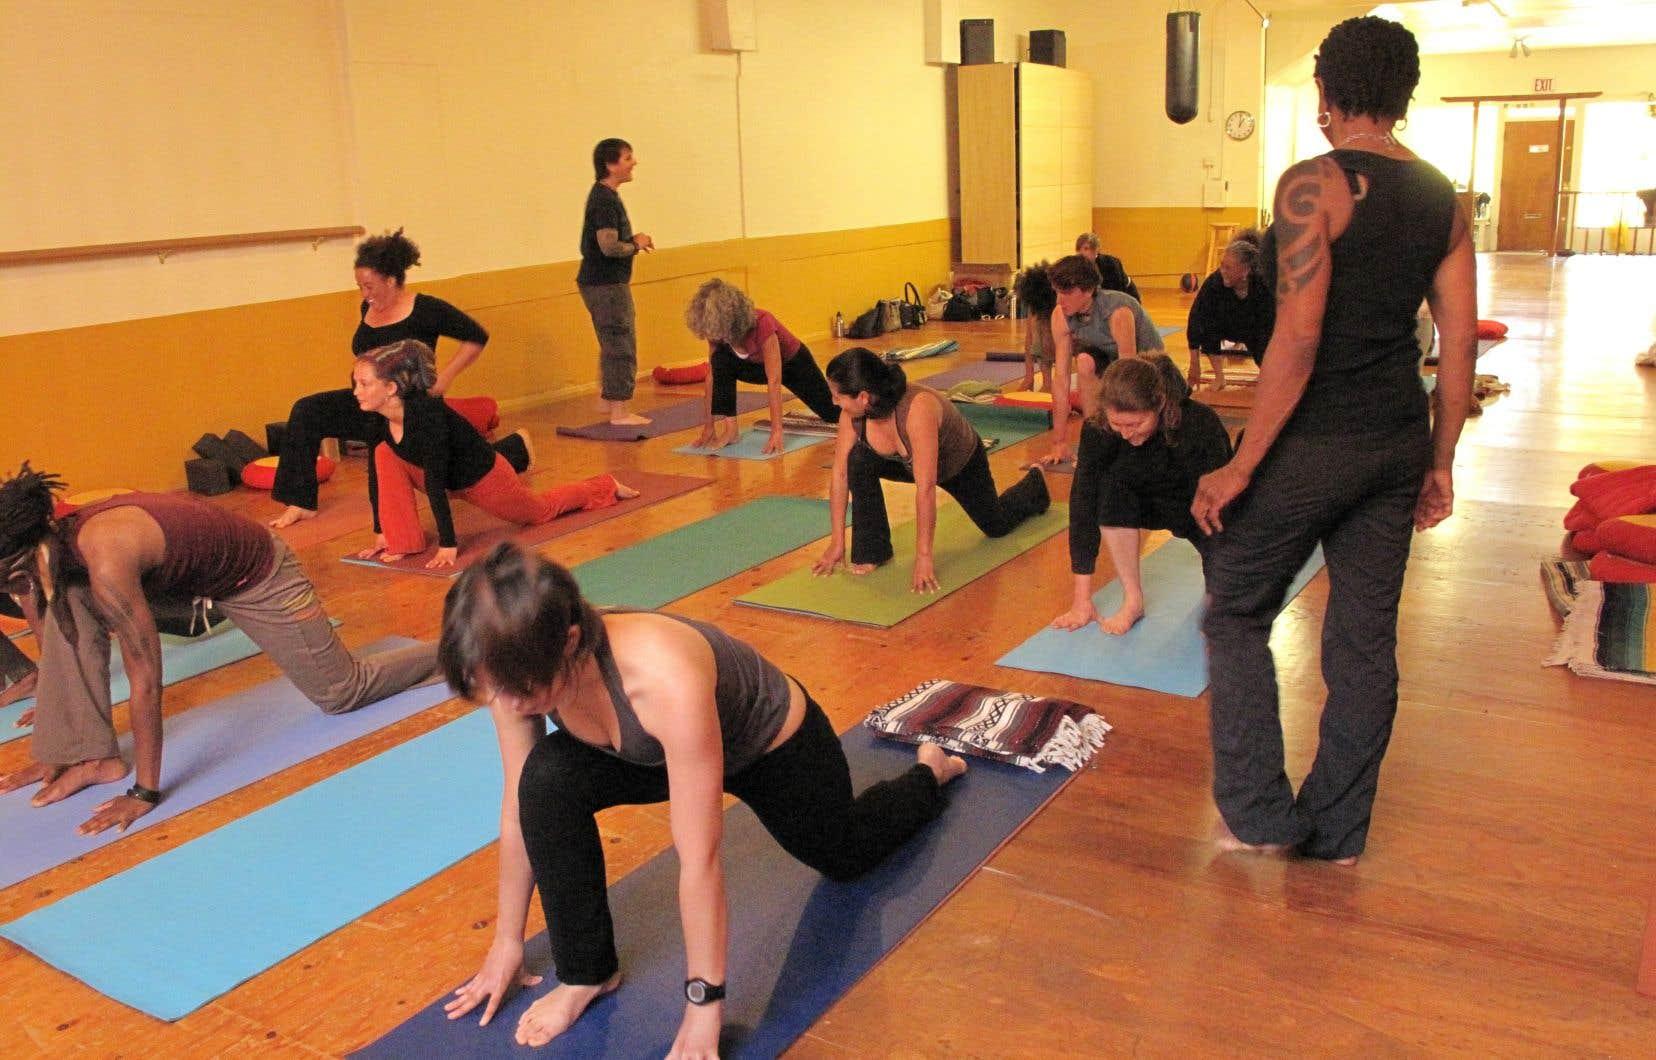 Même le yoga peut être perçu comme de l'appropriation culturelle. Des cours de yoga gratuits furent annulés en 2015 à l'Université d'Ottawa pour ce motif. Une scène du film «Planète Yoga» de Carlos Ferrand.